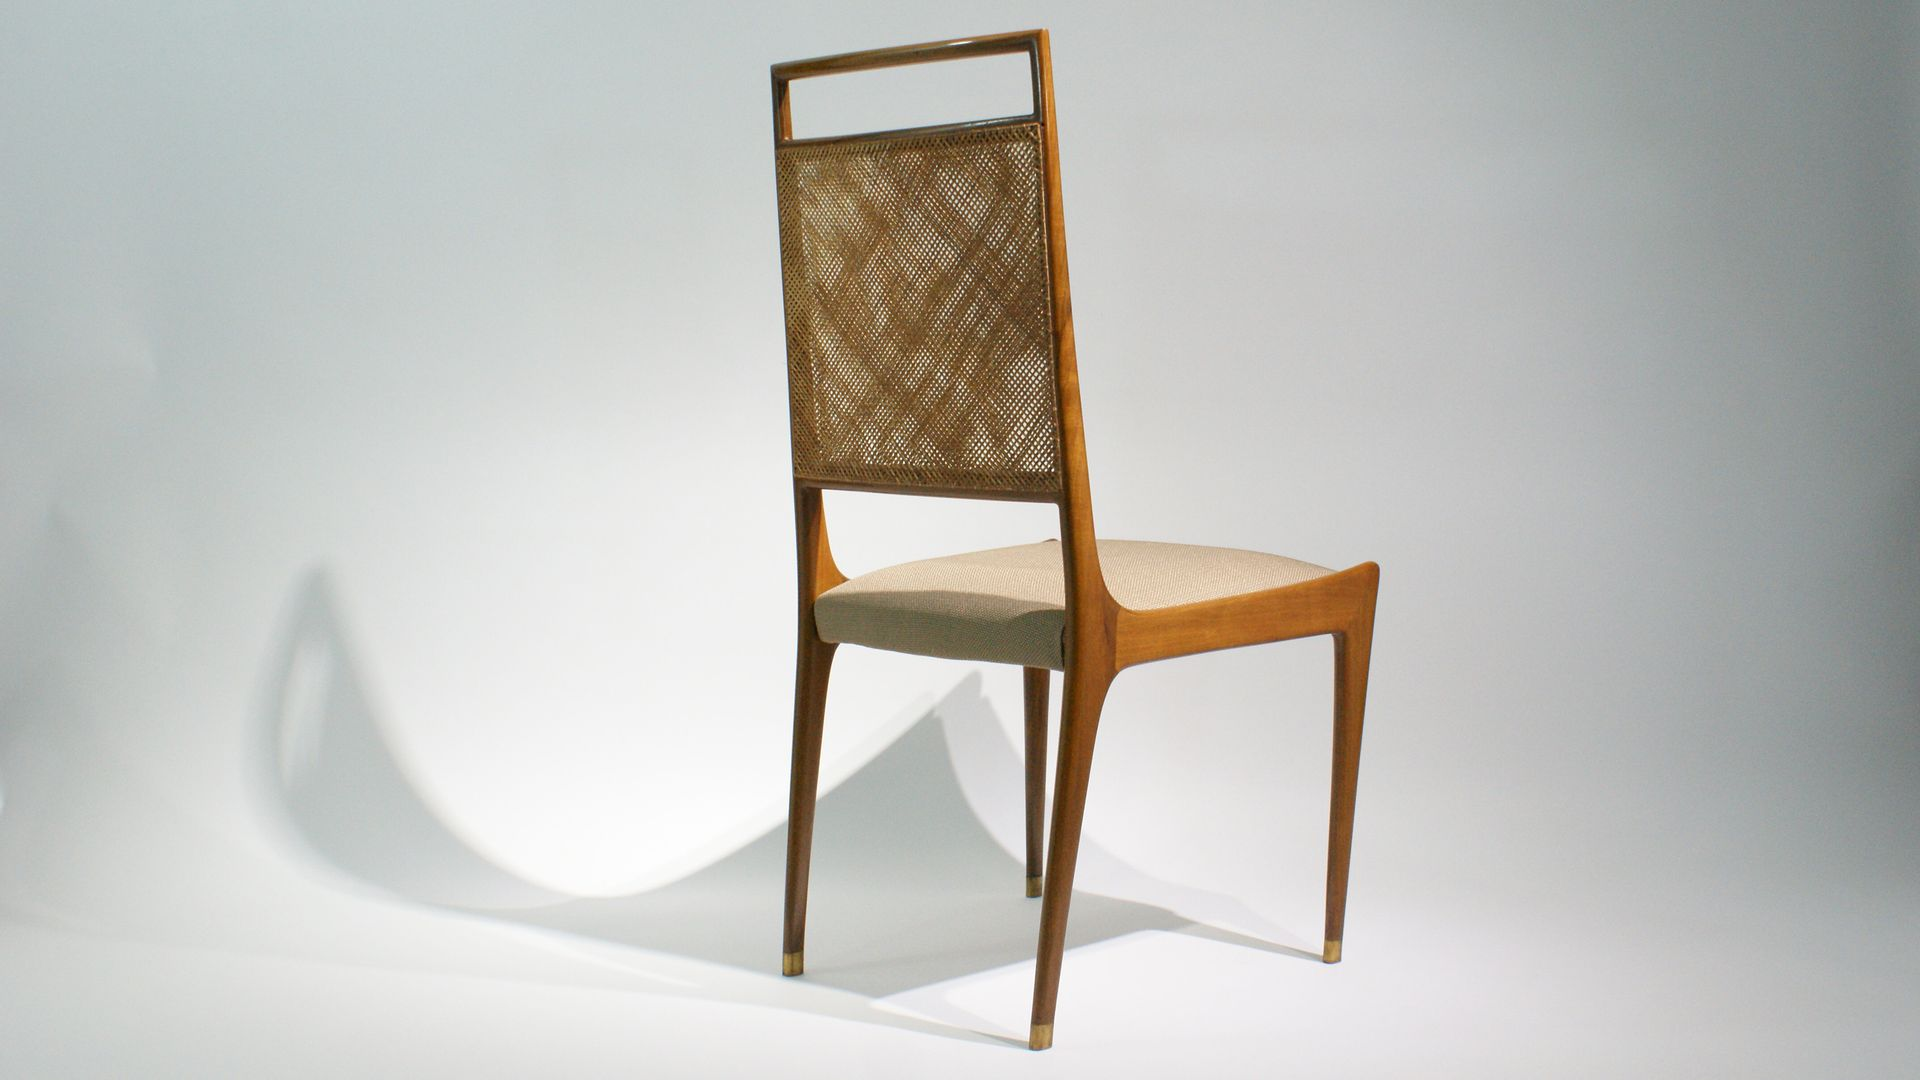 franz sische st hle aus palisander korbgeflecht 1950er 2er set bei pamono kaufen. Black Bedroom Furniture Sets. Home Design Ideas